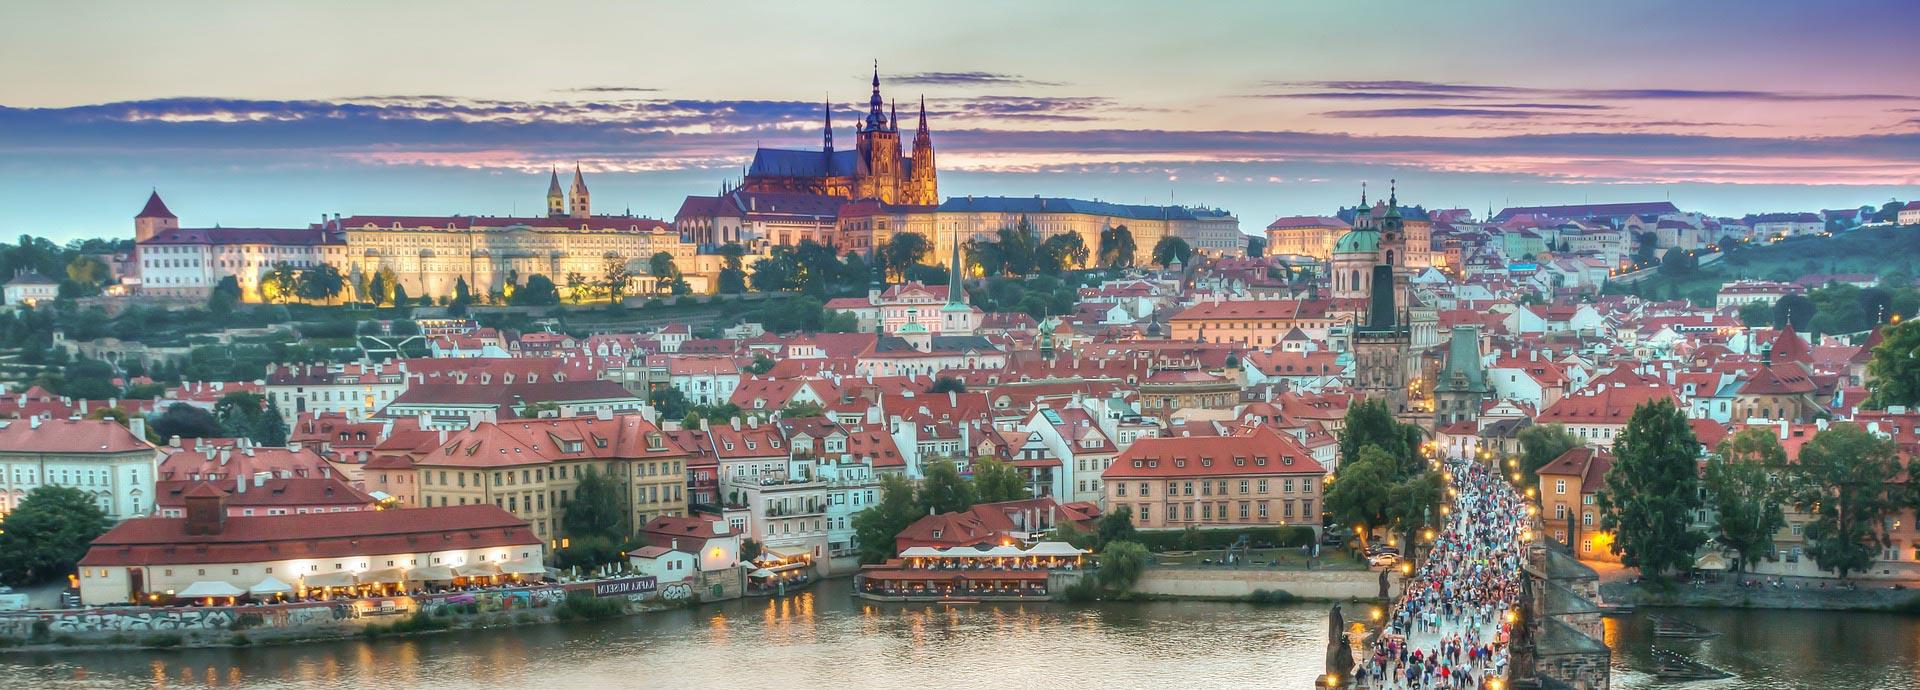 Путешествие в Прагу Чехия Вроцлав Польша